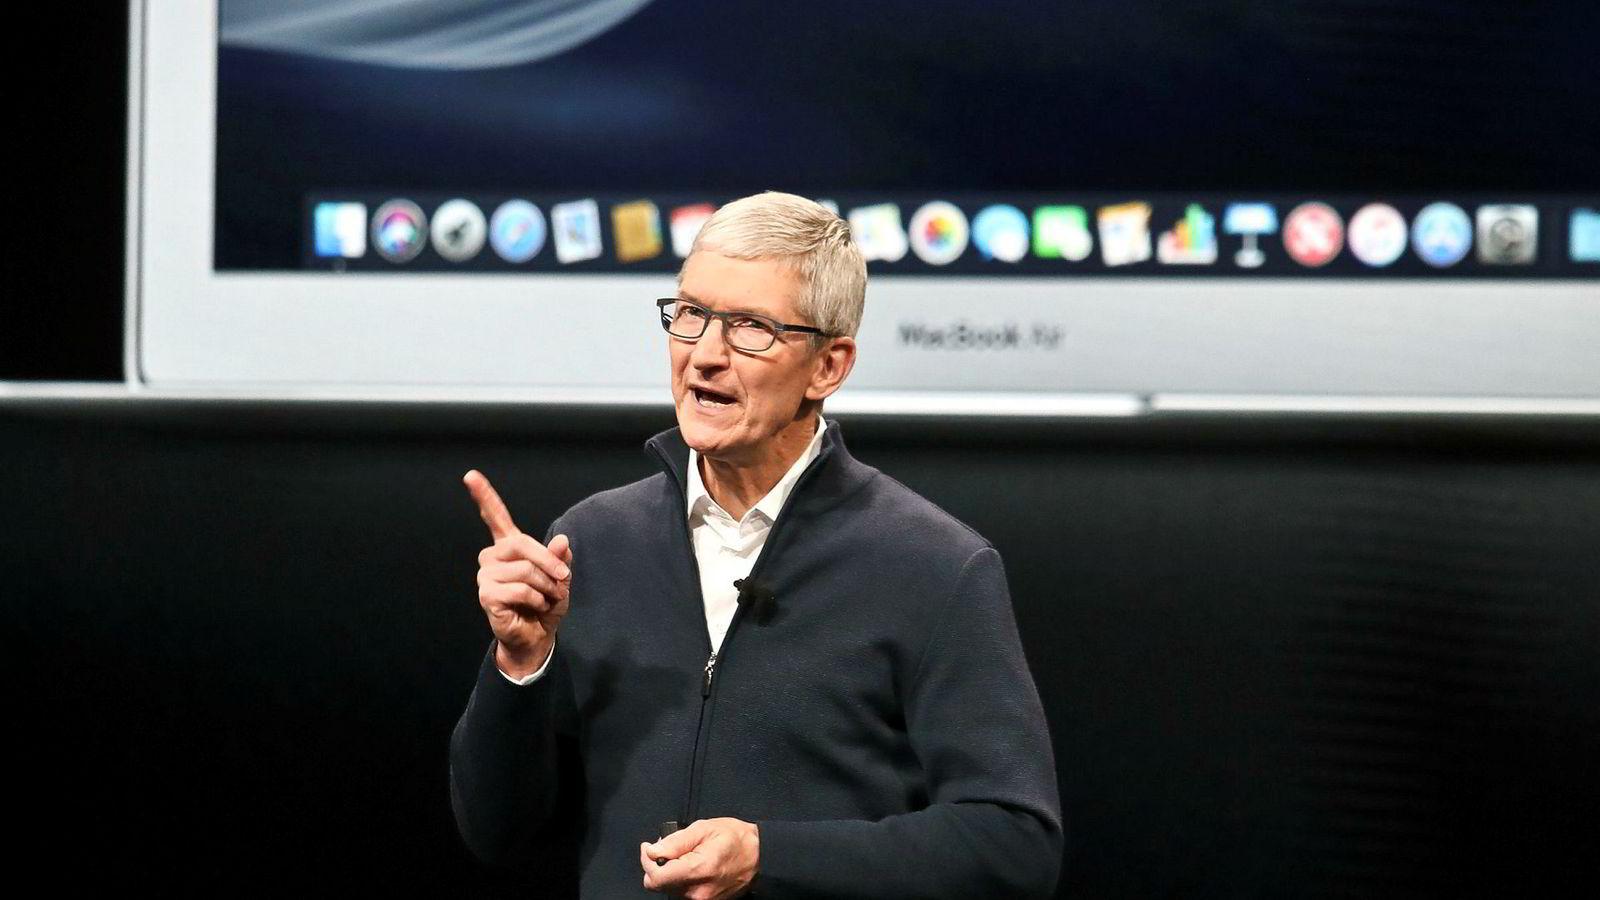 Apple tar bladet fra munnen og anklager Google for å spre falsk frykt etter at en sikkerhetsrapport nylig spredte tvil om sikkerheten i Iphone og Ipad.